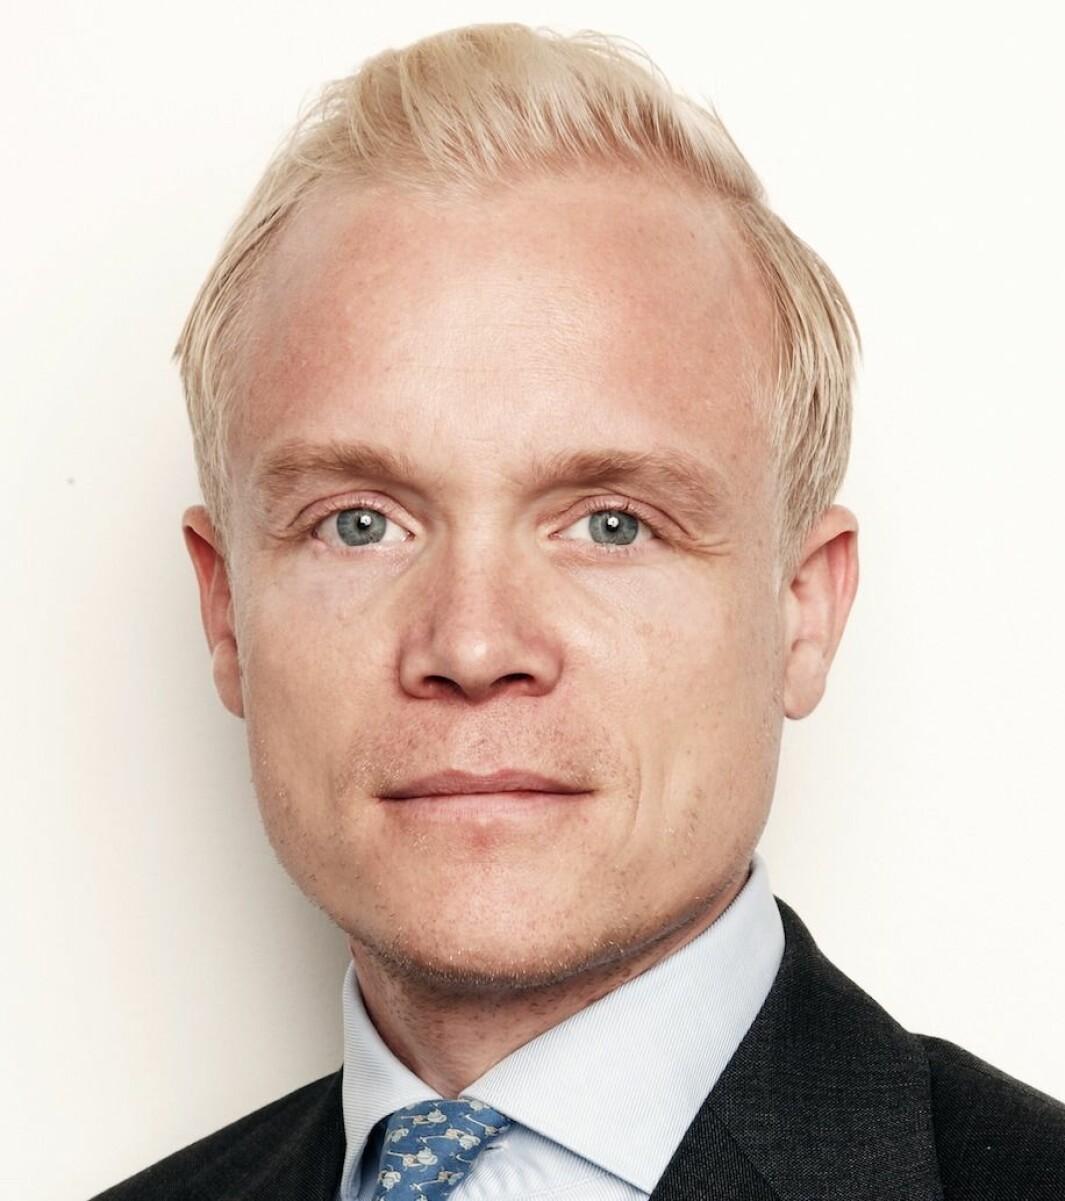 MØTEPLASS: – For å opprettholde kjøpesentrene som møteplass, må vi re-kalibrere leietakermiksen, sier Jens Petter Hagen, leder for det norske virksomheten til NREP.